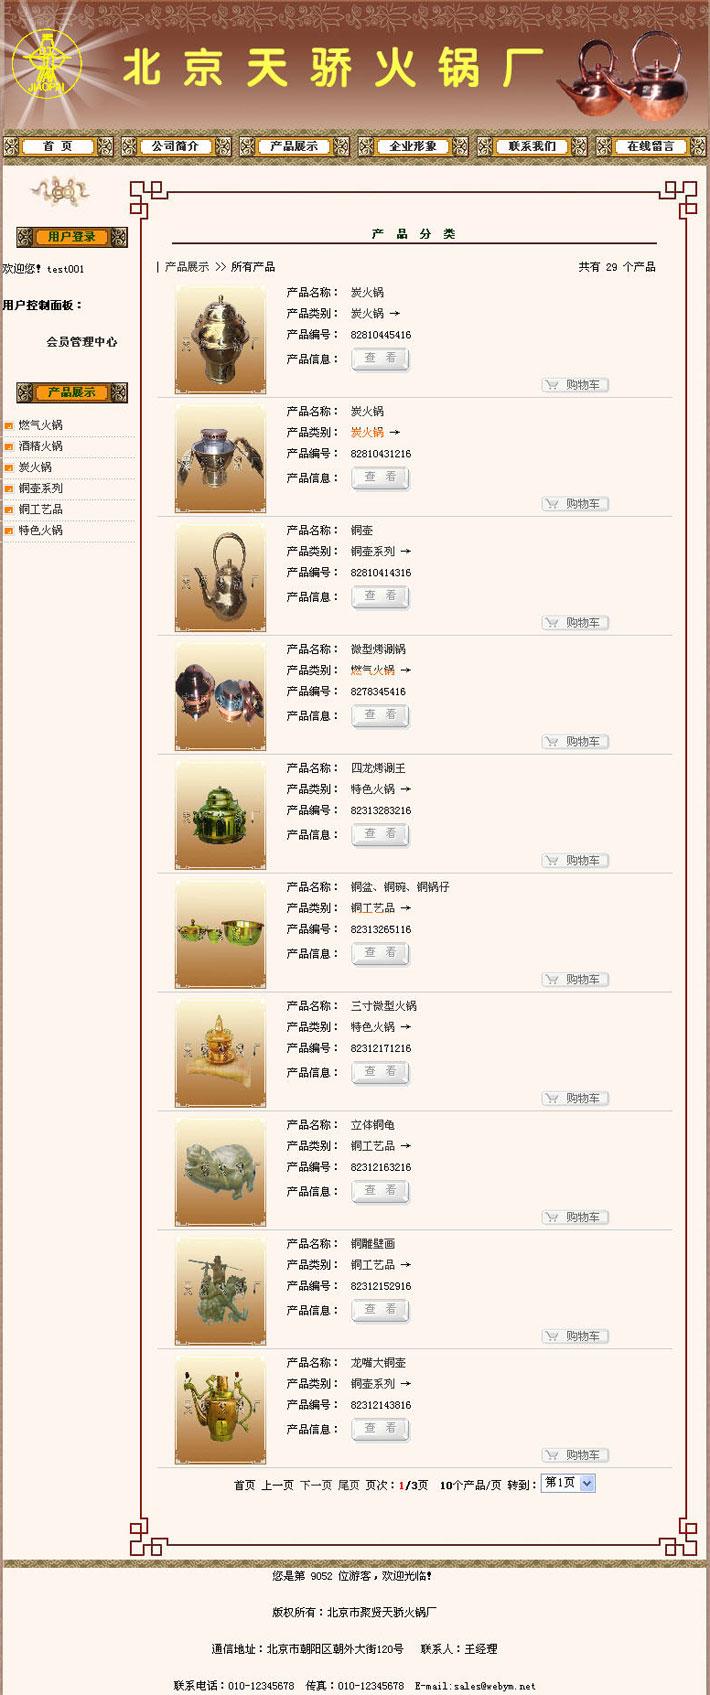 火锅产品展示页